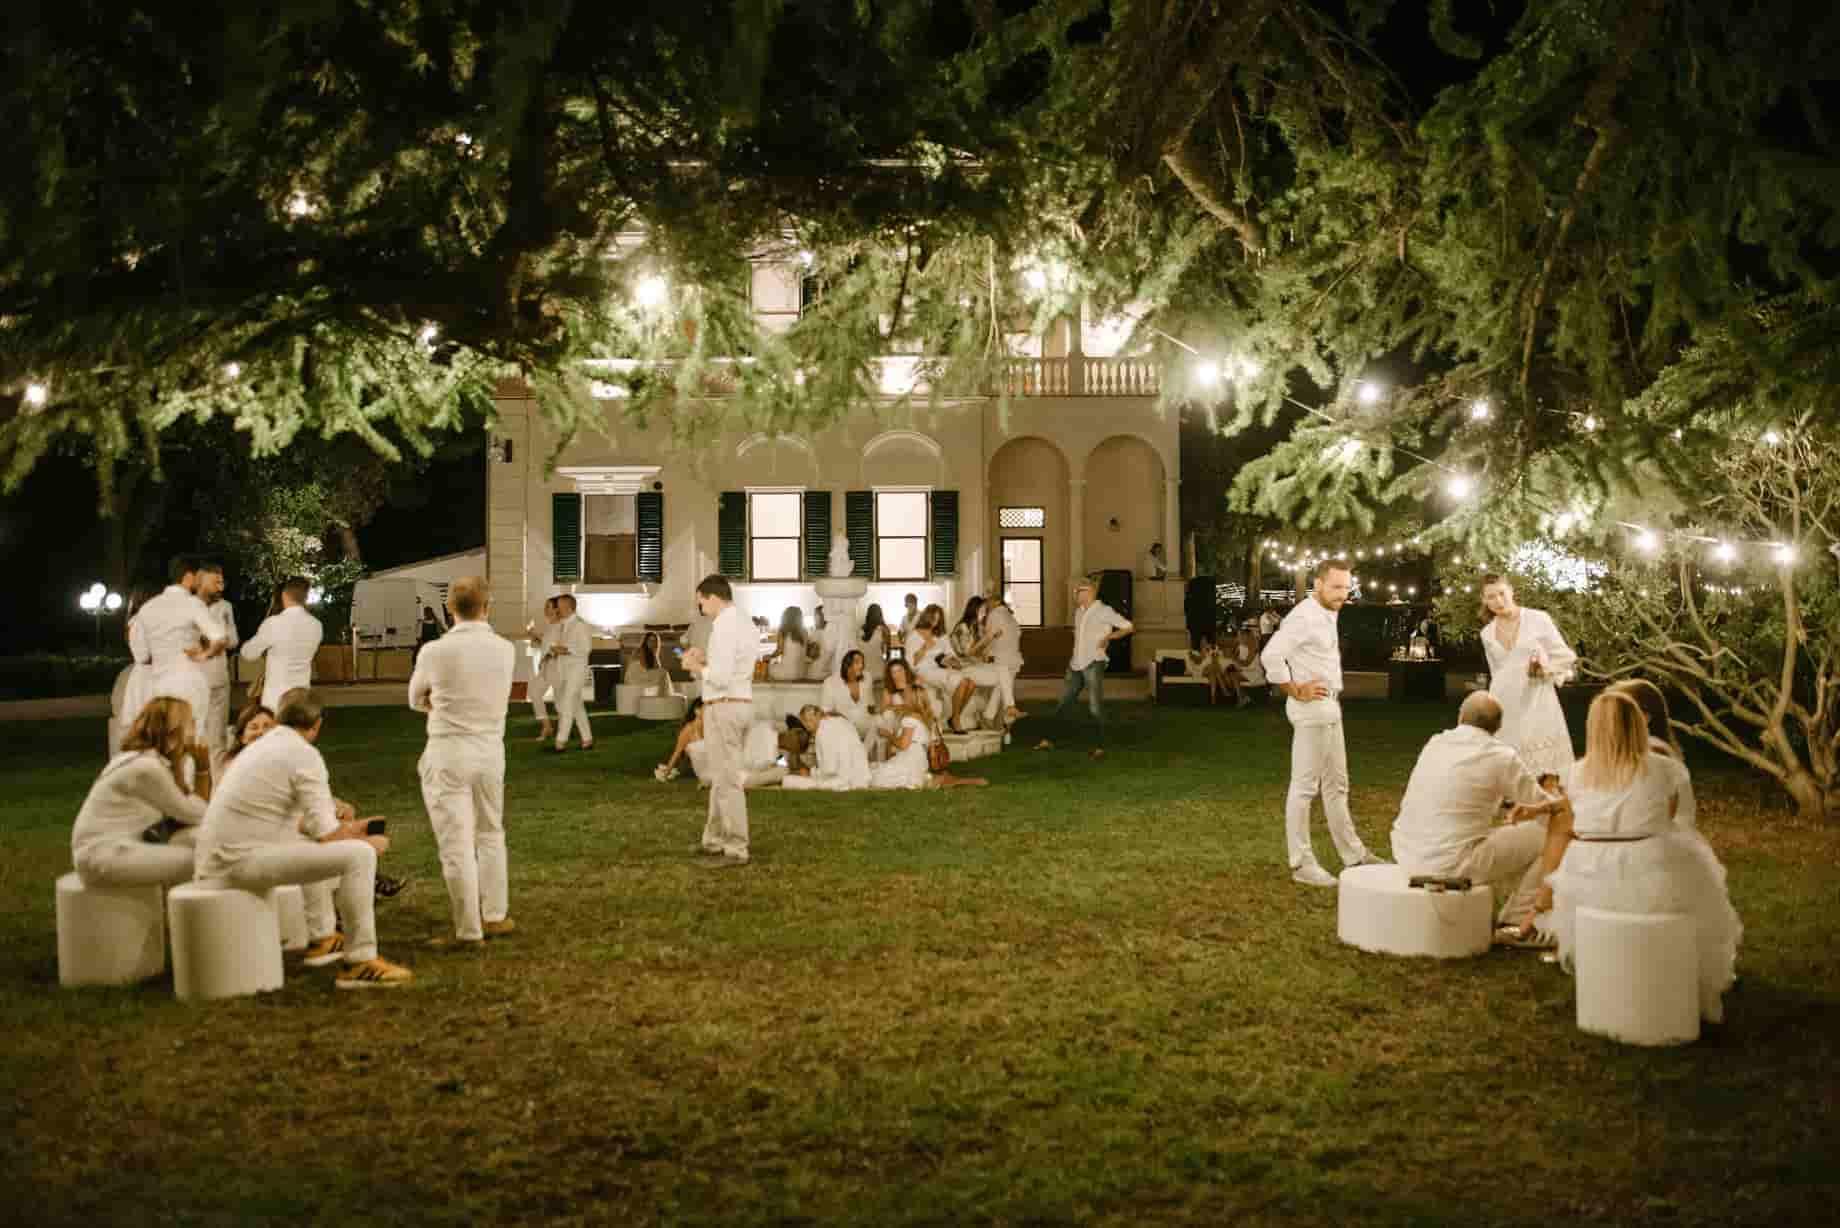 Eventi esclusivi location Villa Gentiloni elegante Ancona Macerata Marche region